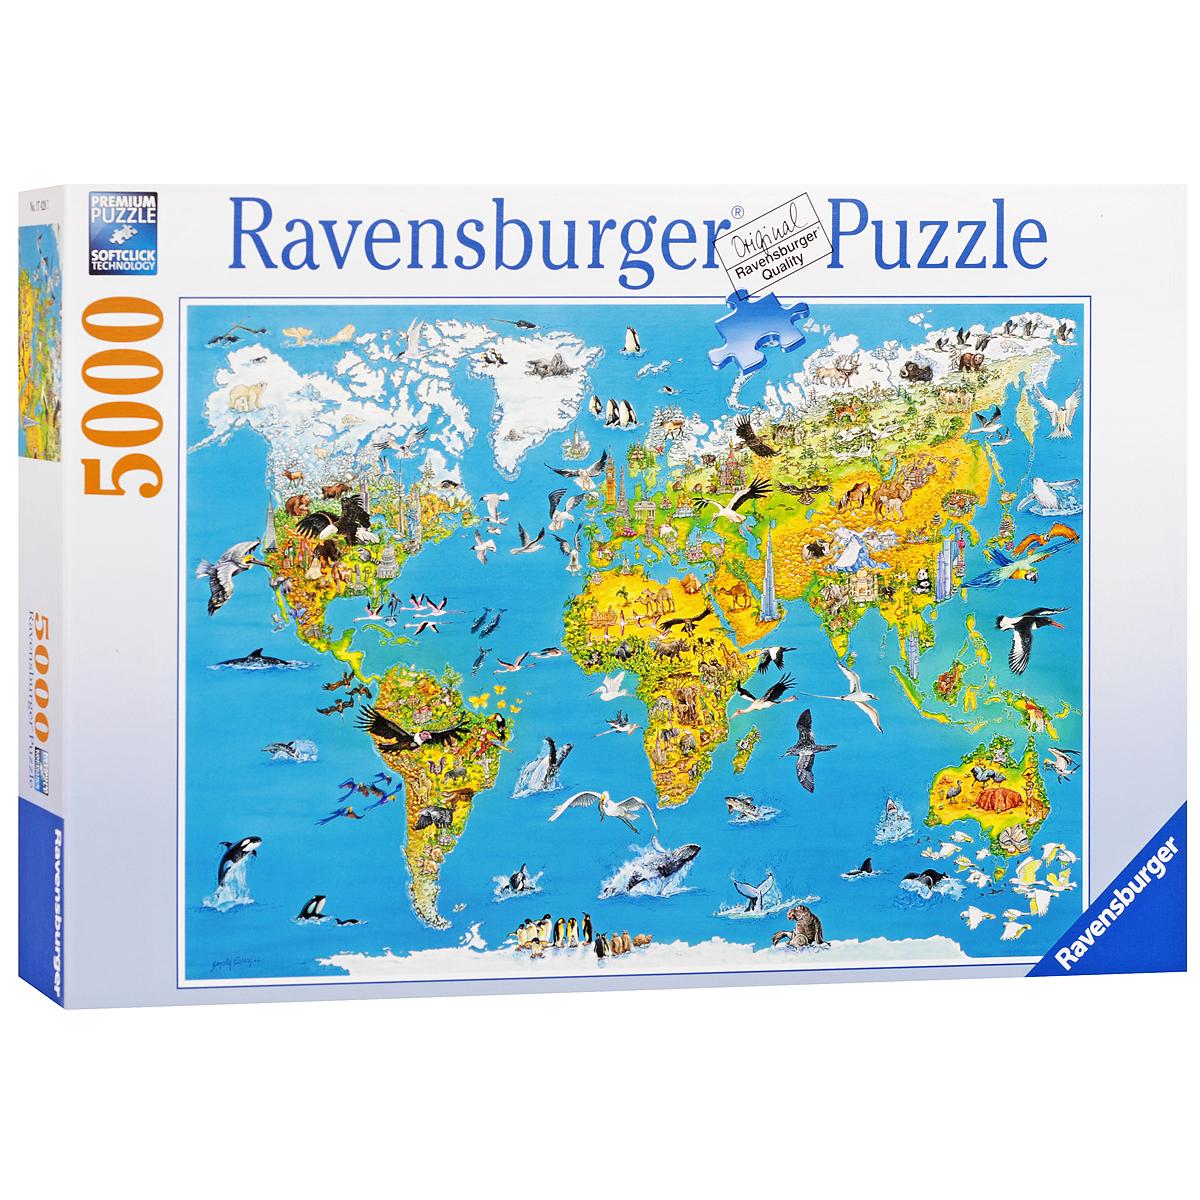 Ravensburger Карта мира с животными. Пазл, 5000 элементов174287Пазл Ravensburger Карта мира с животными, без сомнения, придется вам по душе. Собрав этот пазл, включающий в себя 5000 элементов, вы получите великолепную картину с изображением карты мира. Каждая деталь имеет свою форму и подходит только на своё место. Нет двух одинаковых деталей! Пазл изготовлен из картона высочайшего качества. Все изображения аккуратно отсканированы и напечатаны на ламинированной бумаге. Пазл - великолепная игра для семейного досуга. Сегодня собирание пазлов стало особенно популярным, главным образом, благодаря своей многообразной тематике, способной удовлетворить самый взыскательный вкус. А для детей это не только интересно, но и полезно. Собирание пазла развивает мелкую моторику у ребенка, тренирует наблюдательность, логическое мышление, знакомит с окружающим миром, с цветом и разнообразными формами.